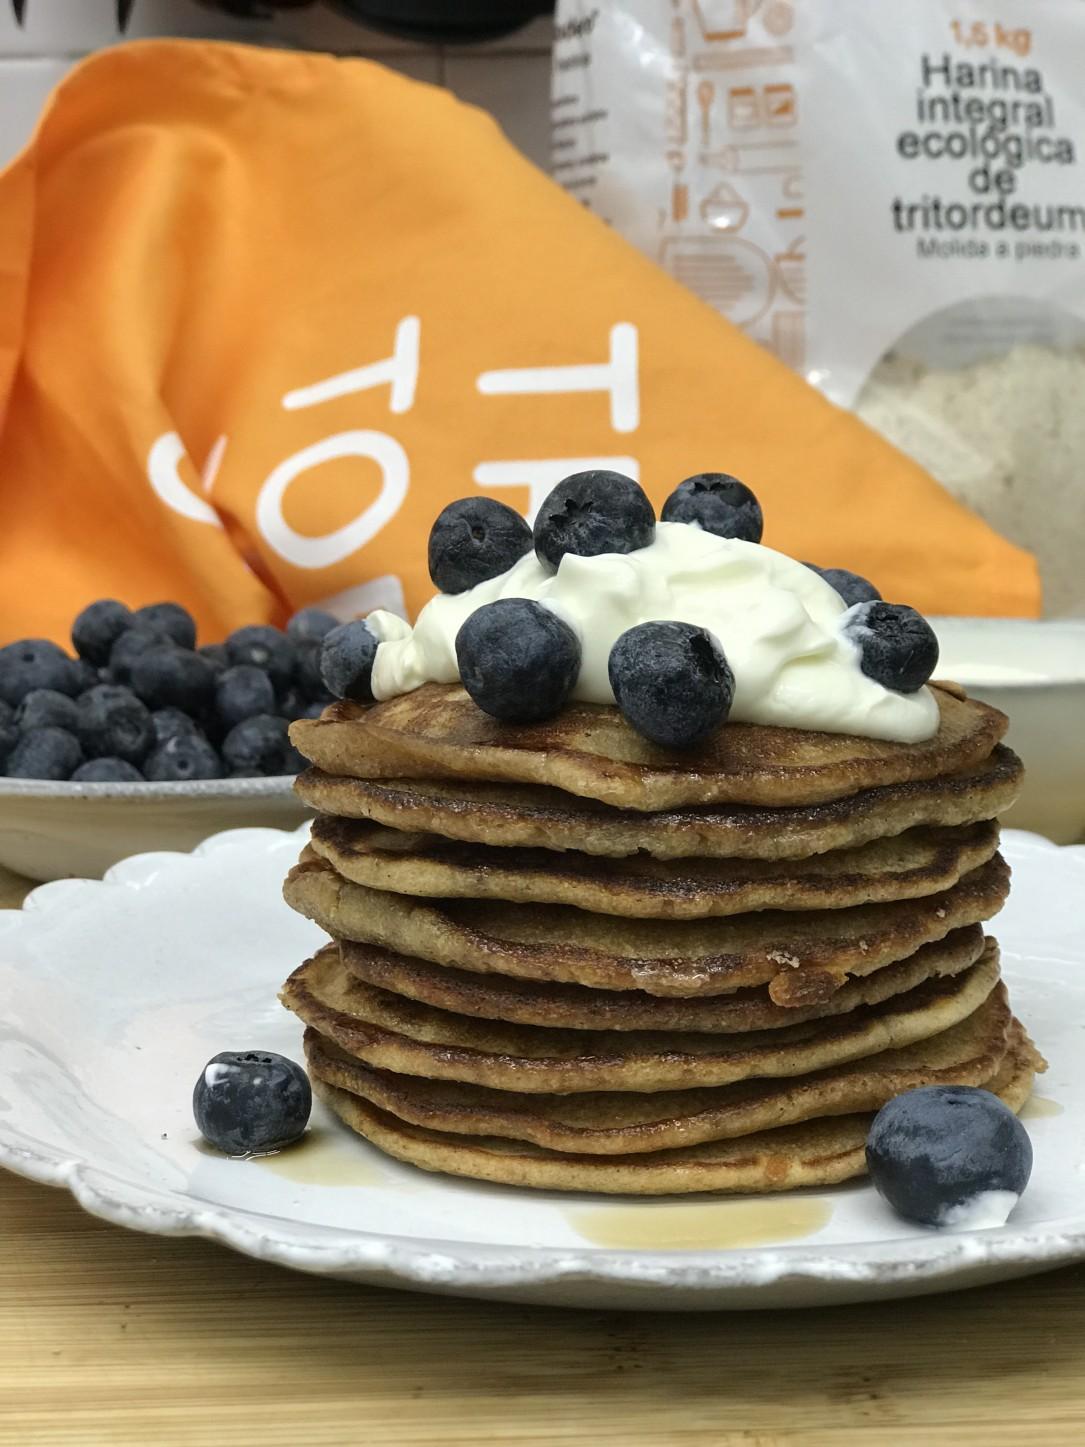 Desayuno saludable: pancakes de Tritordeum